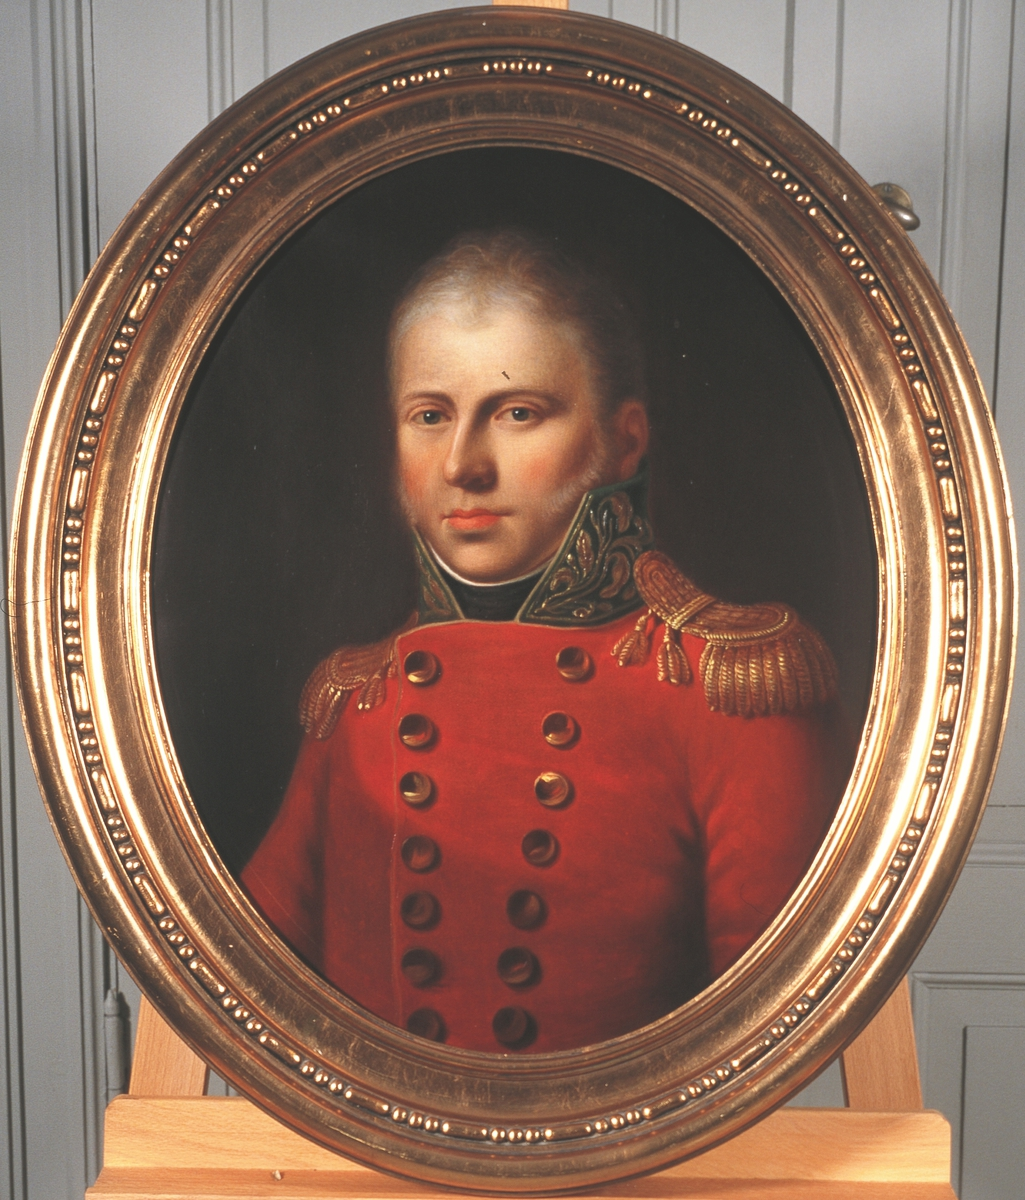 Portrett av kammerherre Severin Løvenskjold. Rød uniform med epåletter.